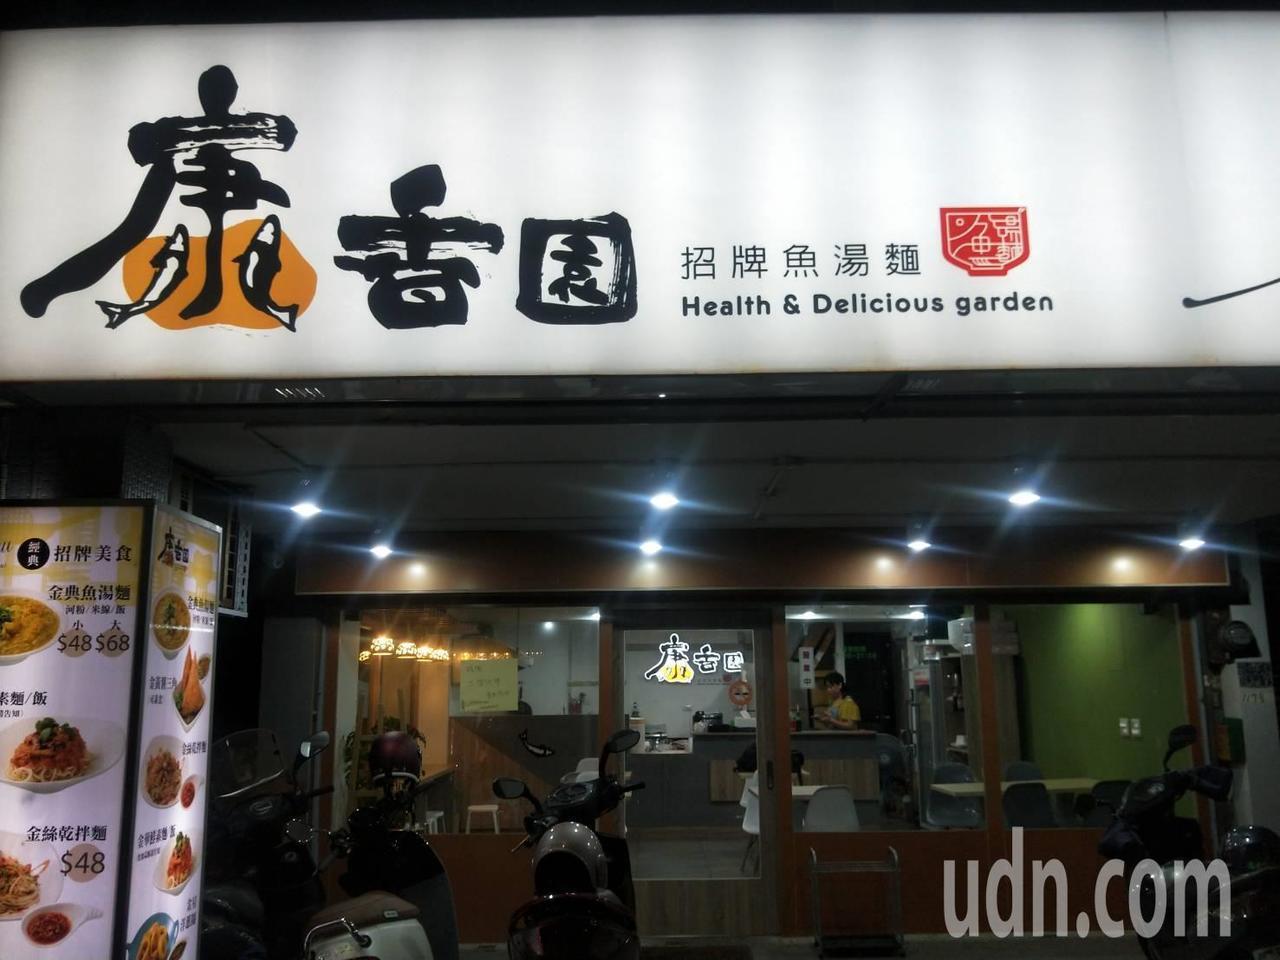 康香園小吃店,招牌魚湯麵,健康又美味。記者游明煌/攝影